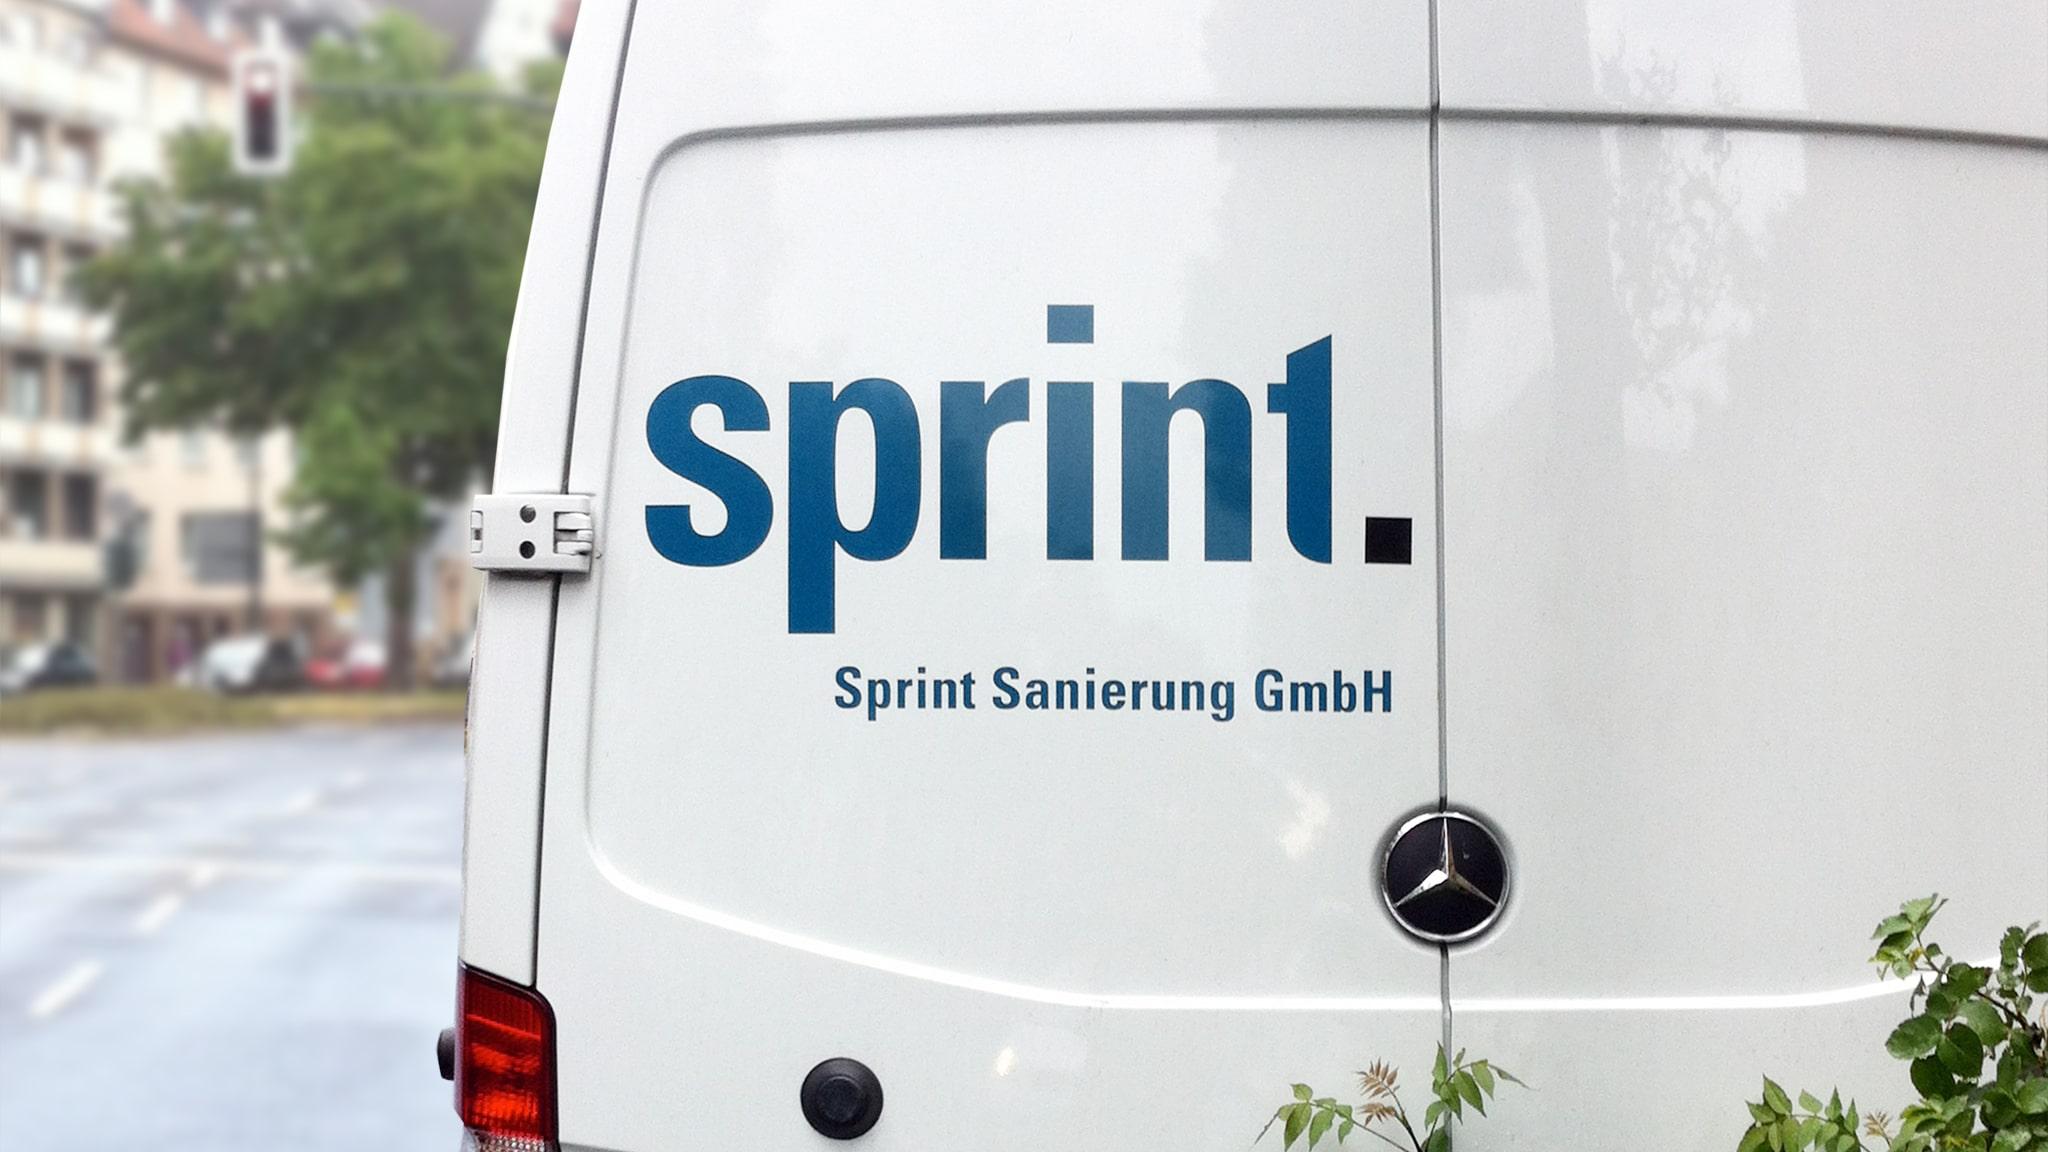 Erstellung Autobeschriftung für sprint Sanierung